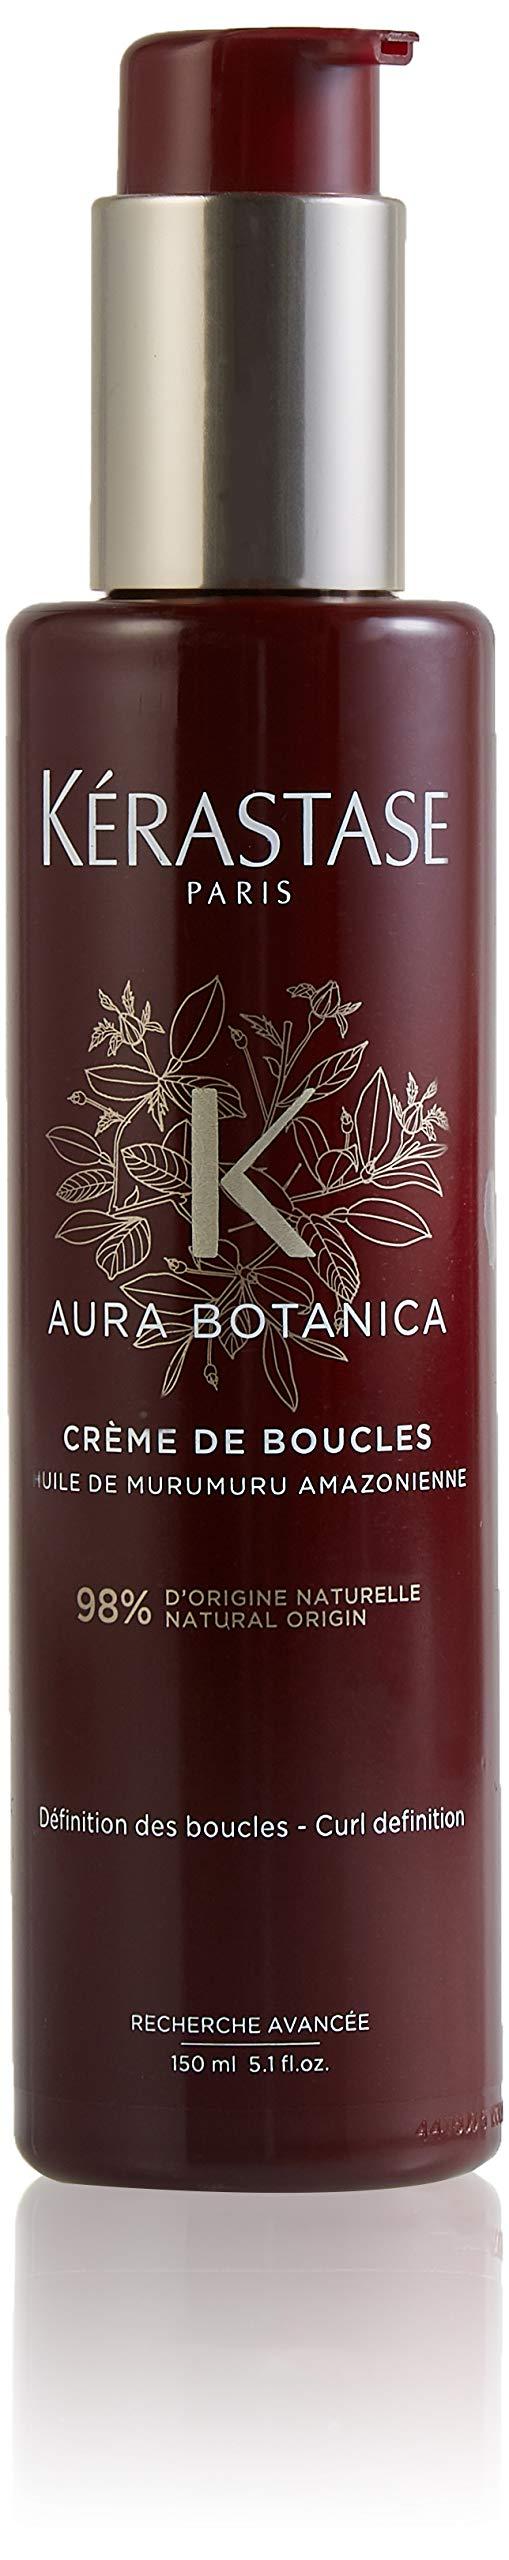 Kerastase Aura Bot. Creme De Boucles 150ml Curl definition